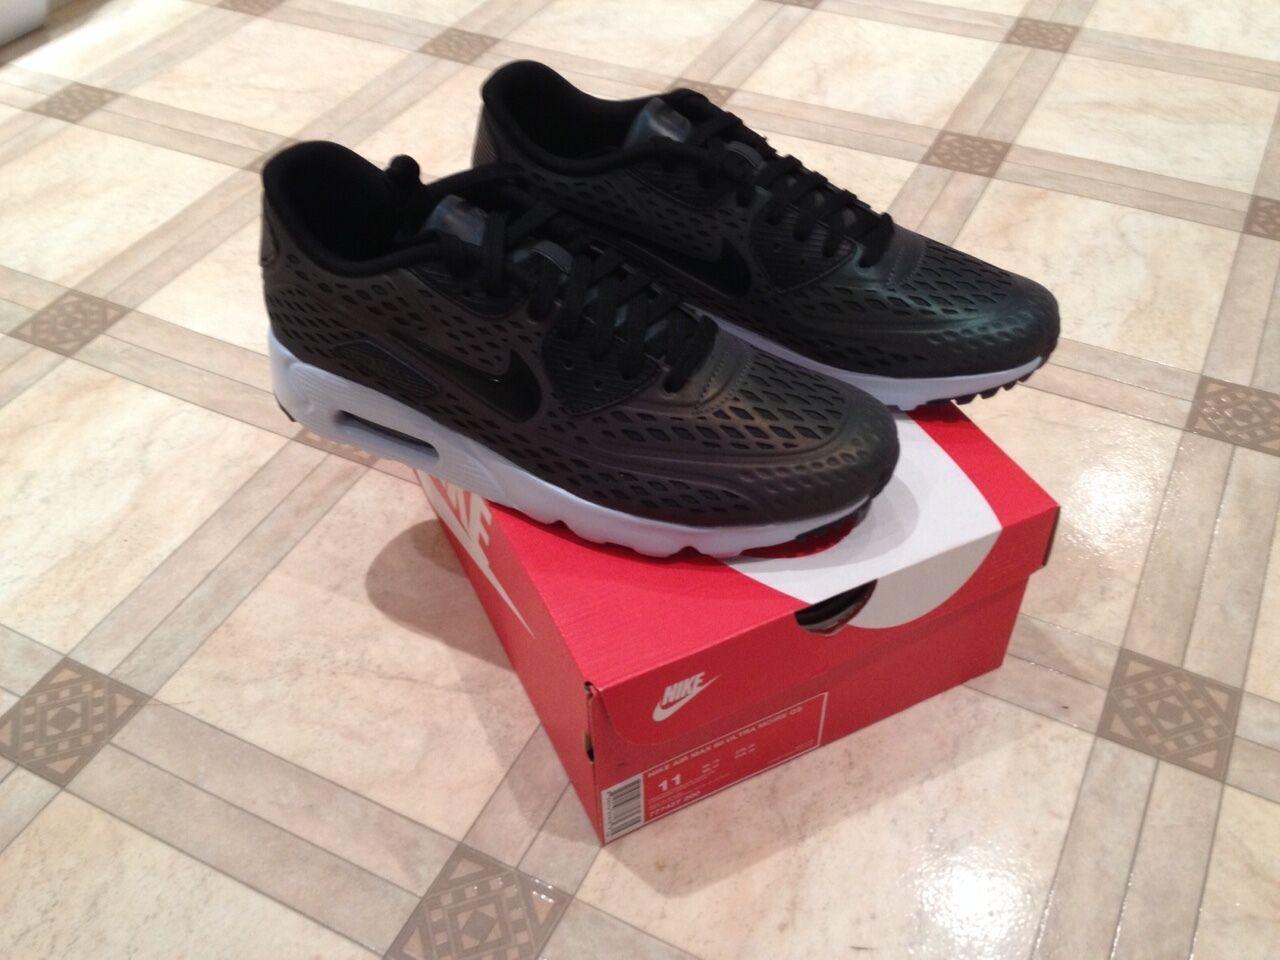 2018 Nike Air Max Ultra tamaños Moire Holograma Qs iridiscente tamaños Ultra Nueva 4a8e7d